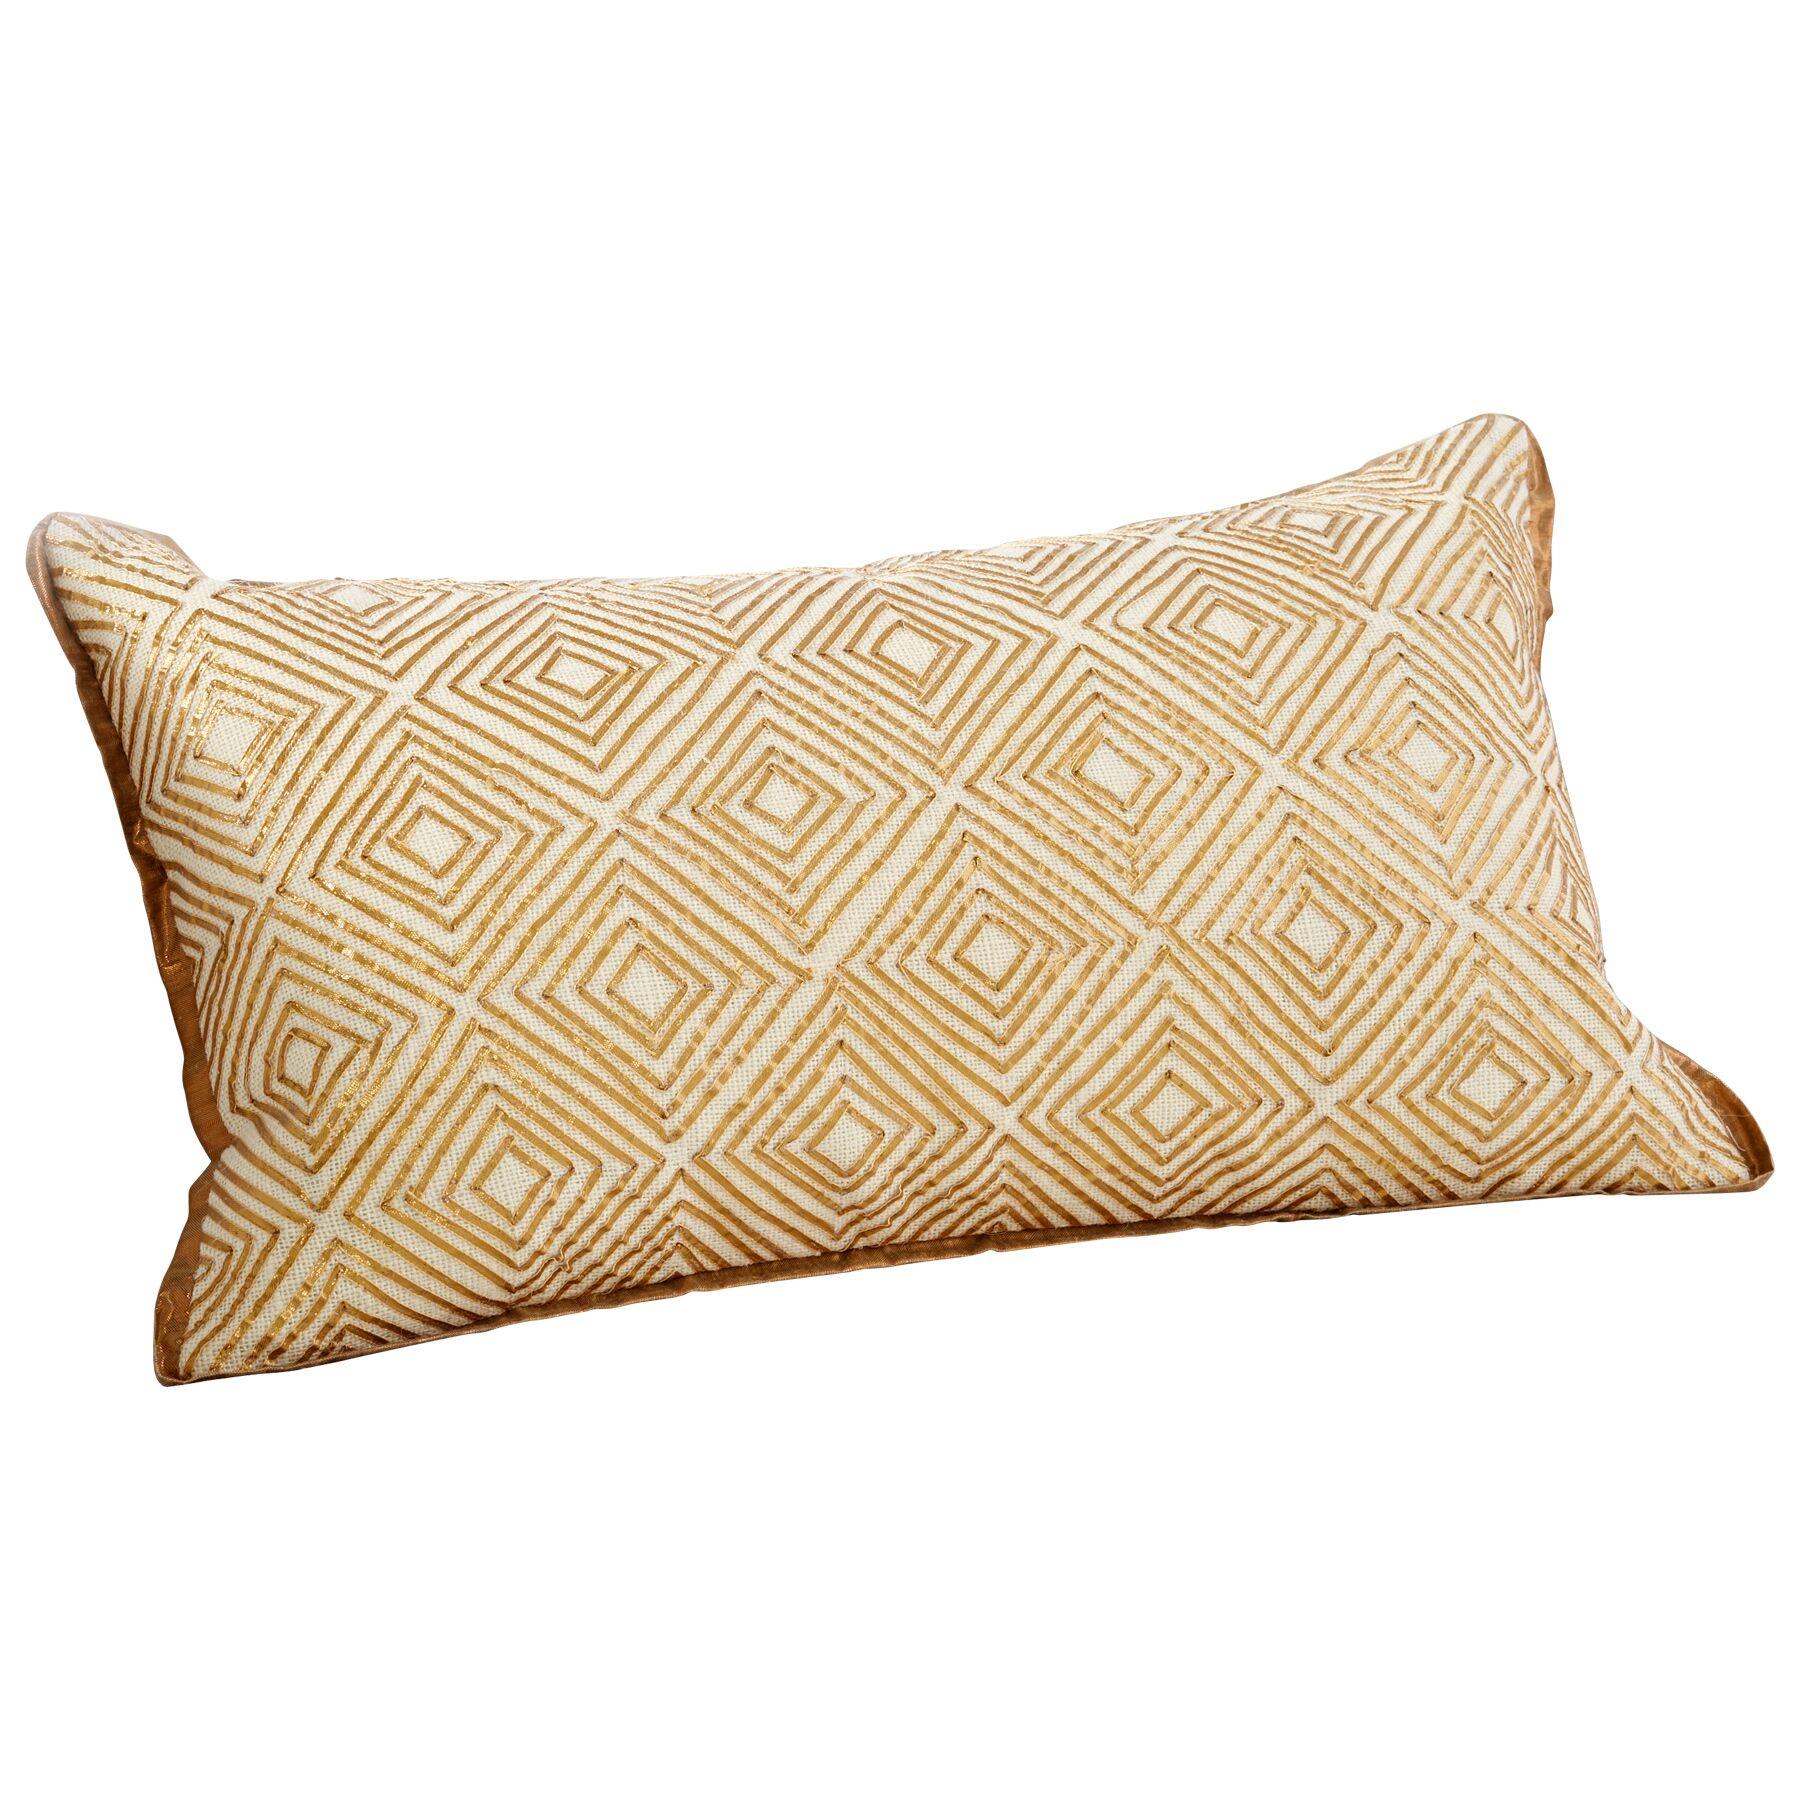 Labyrinth Decorative Cotton Lumbar Pillow